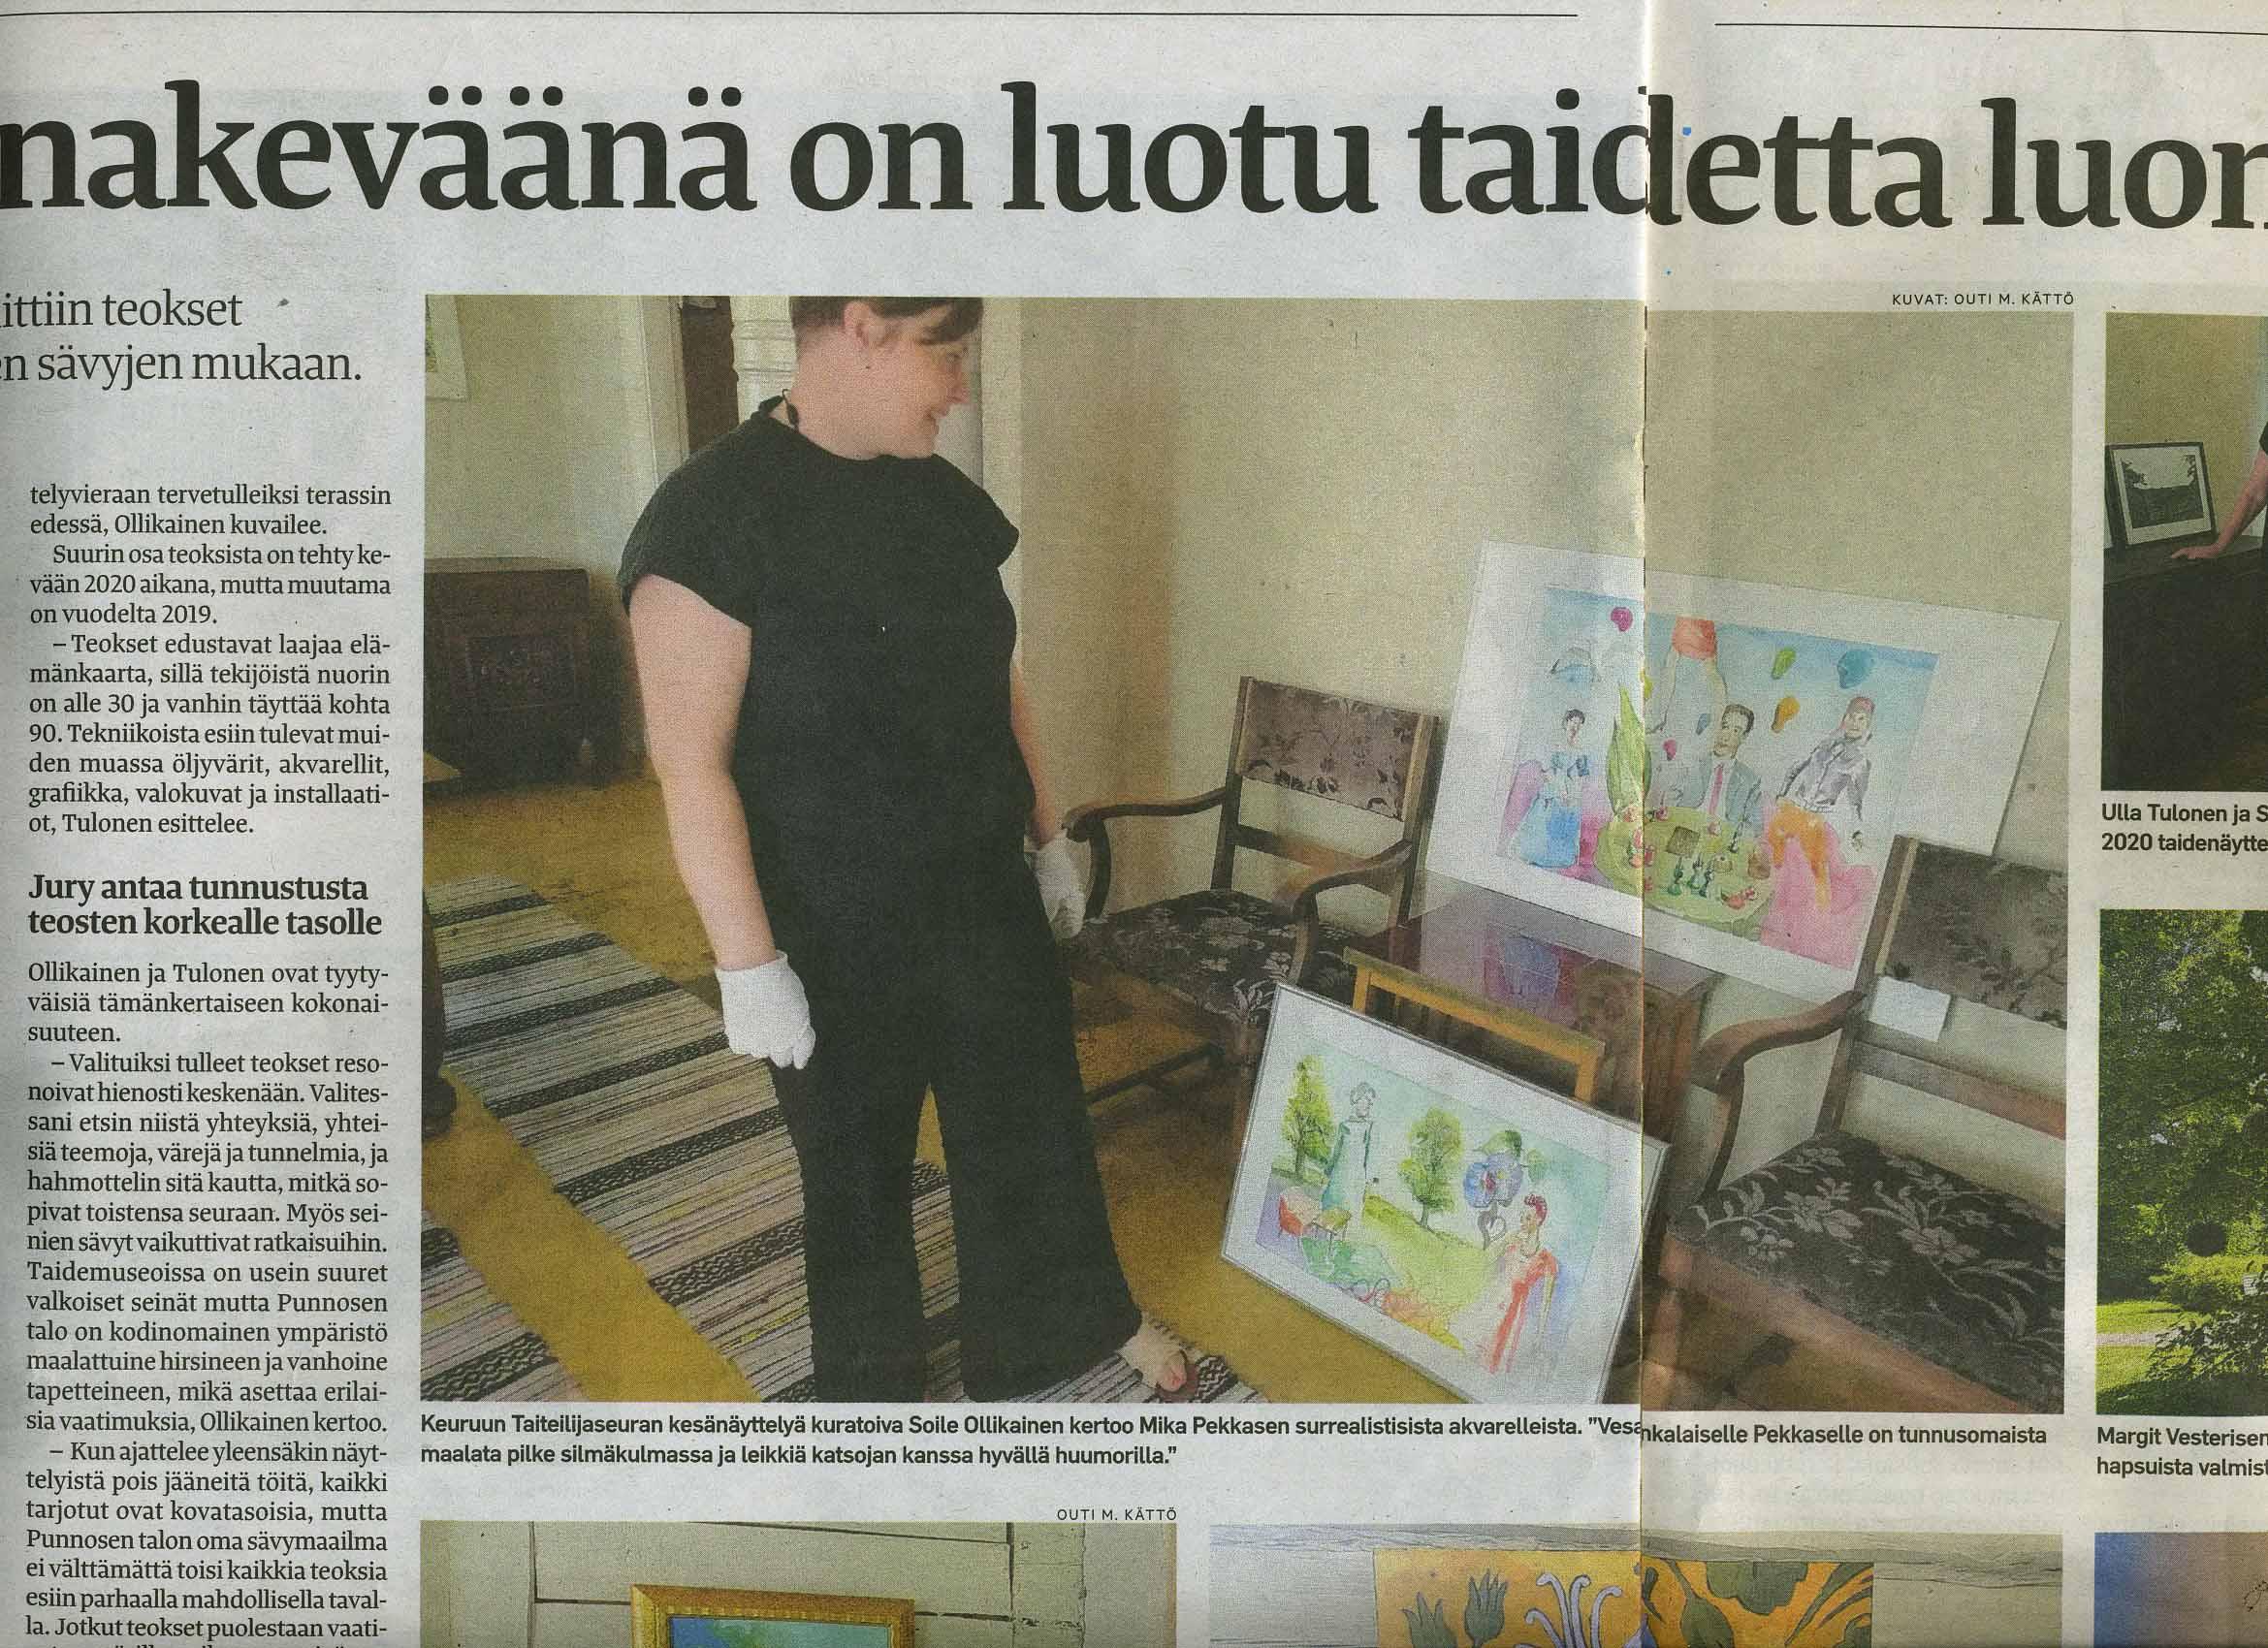 """kuratoiva Seija Ollikainen kertoo Mika Pekkasen surrealistisista akvarelleista. """"Vesankalaiselle Pekkaselle on tunnusomaista maalata pilke silmäkulmassa ja leikkiä katsojan kanssa hyvällä huumorilla"""""""